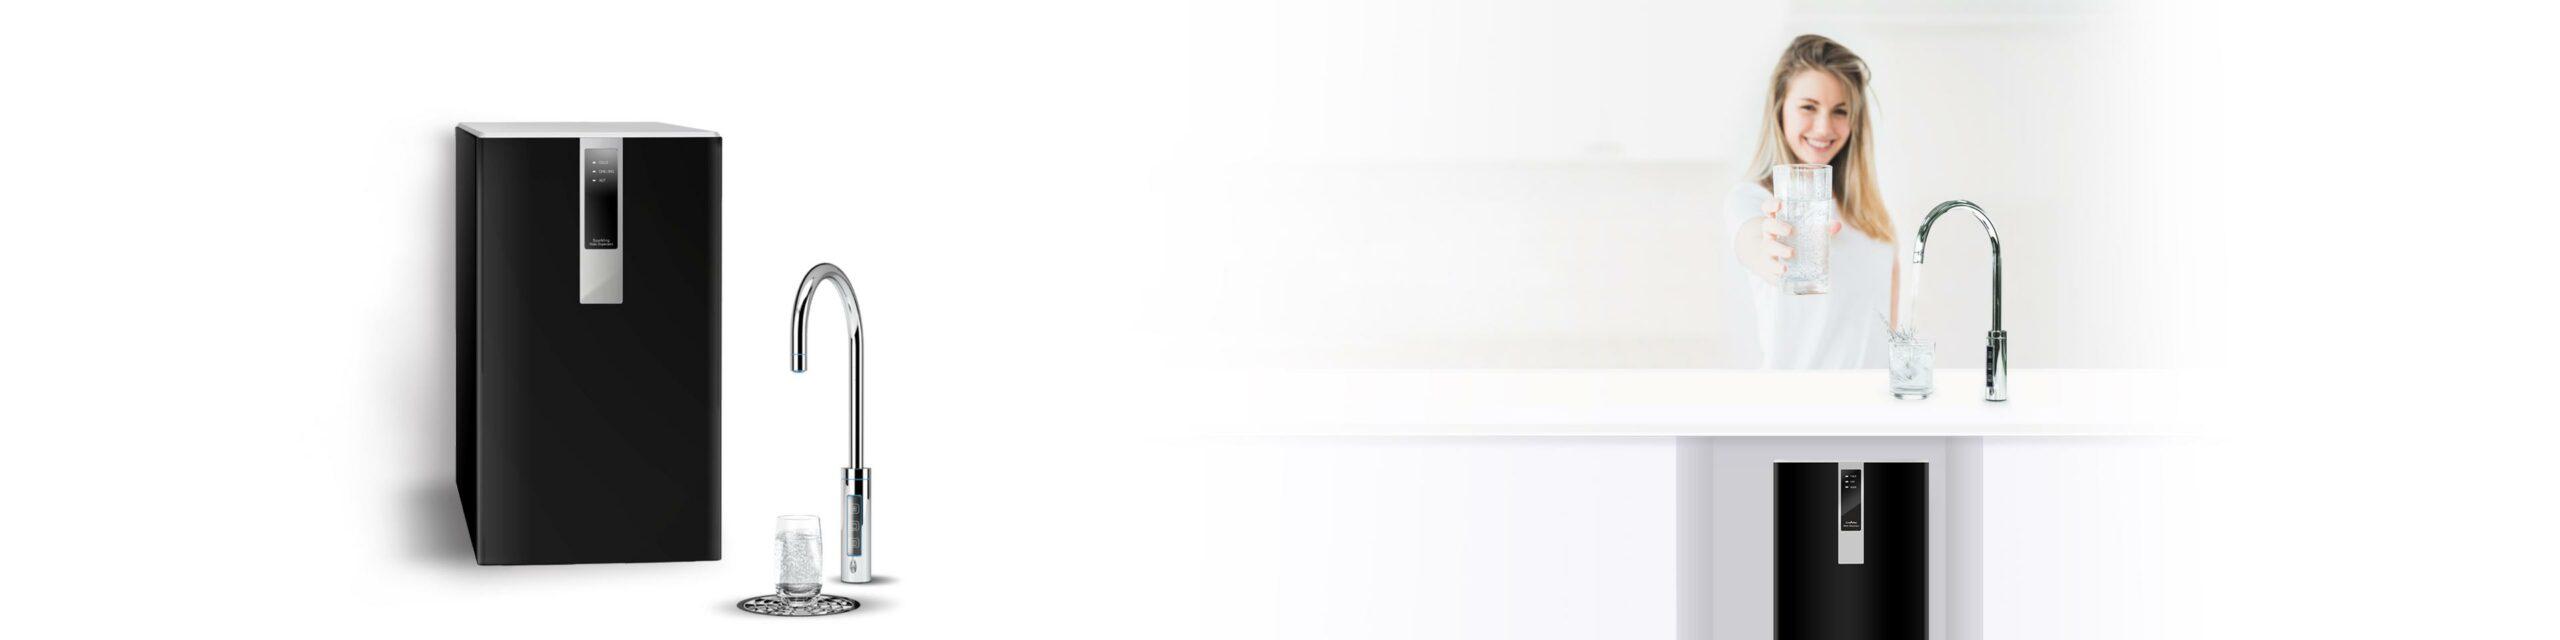 1621308013210 scaled - SPRUDELUX® BLACK & WHITE DIAMOND SERIE Untertisch-Tafelwasseranlage